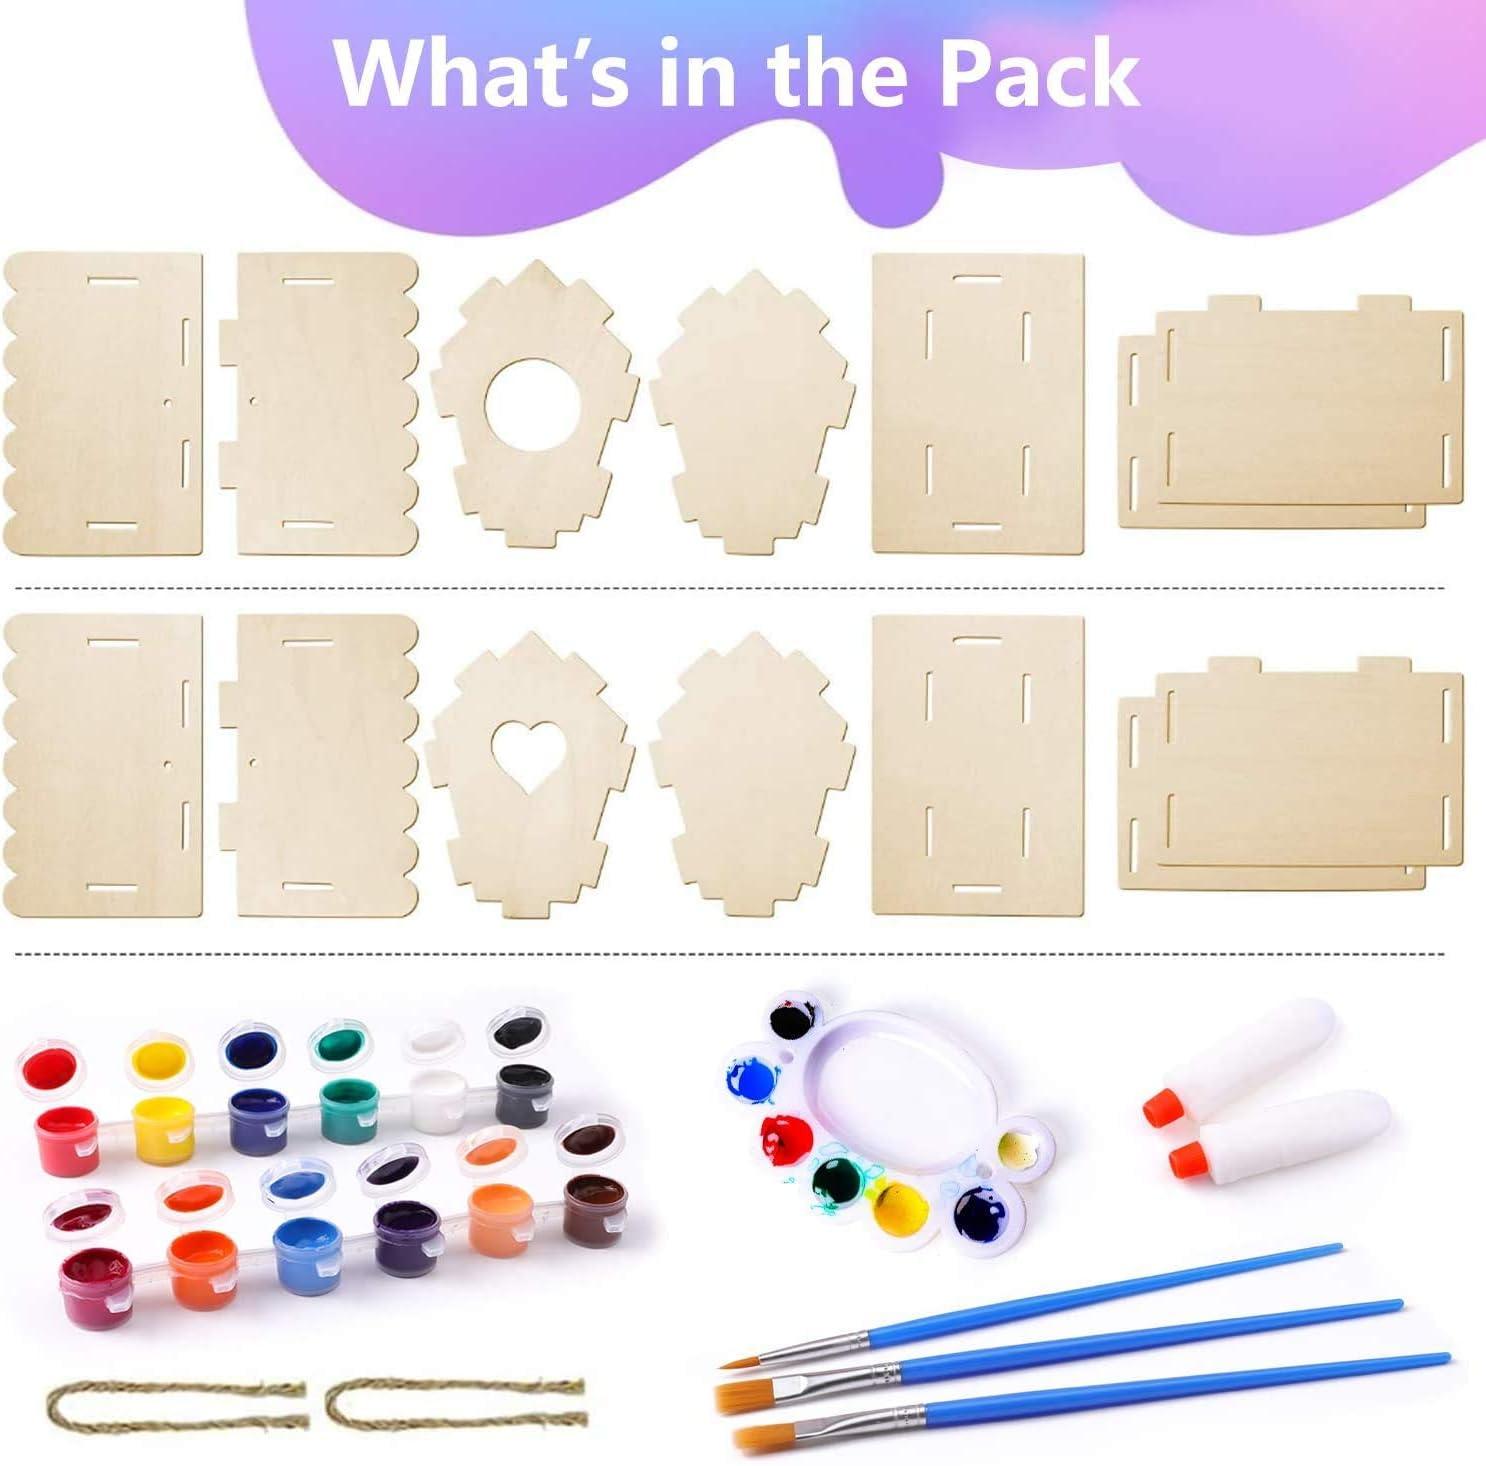 Kit Fai da Te per la casa degli Uccelli 2Pack xinxintai Artigianato per Bambini dai 4-8 Anni Costruisci e dipingi Le Casette degli Uccelli in Legno